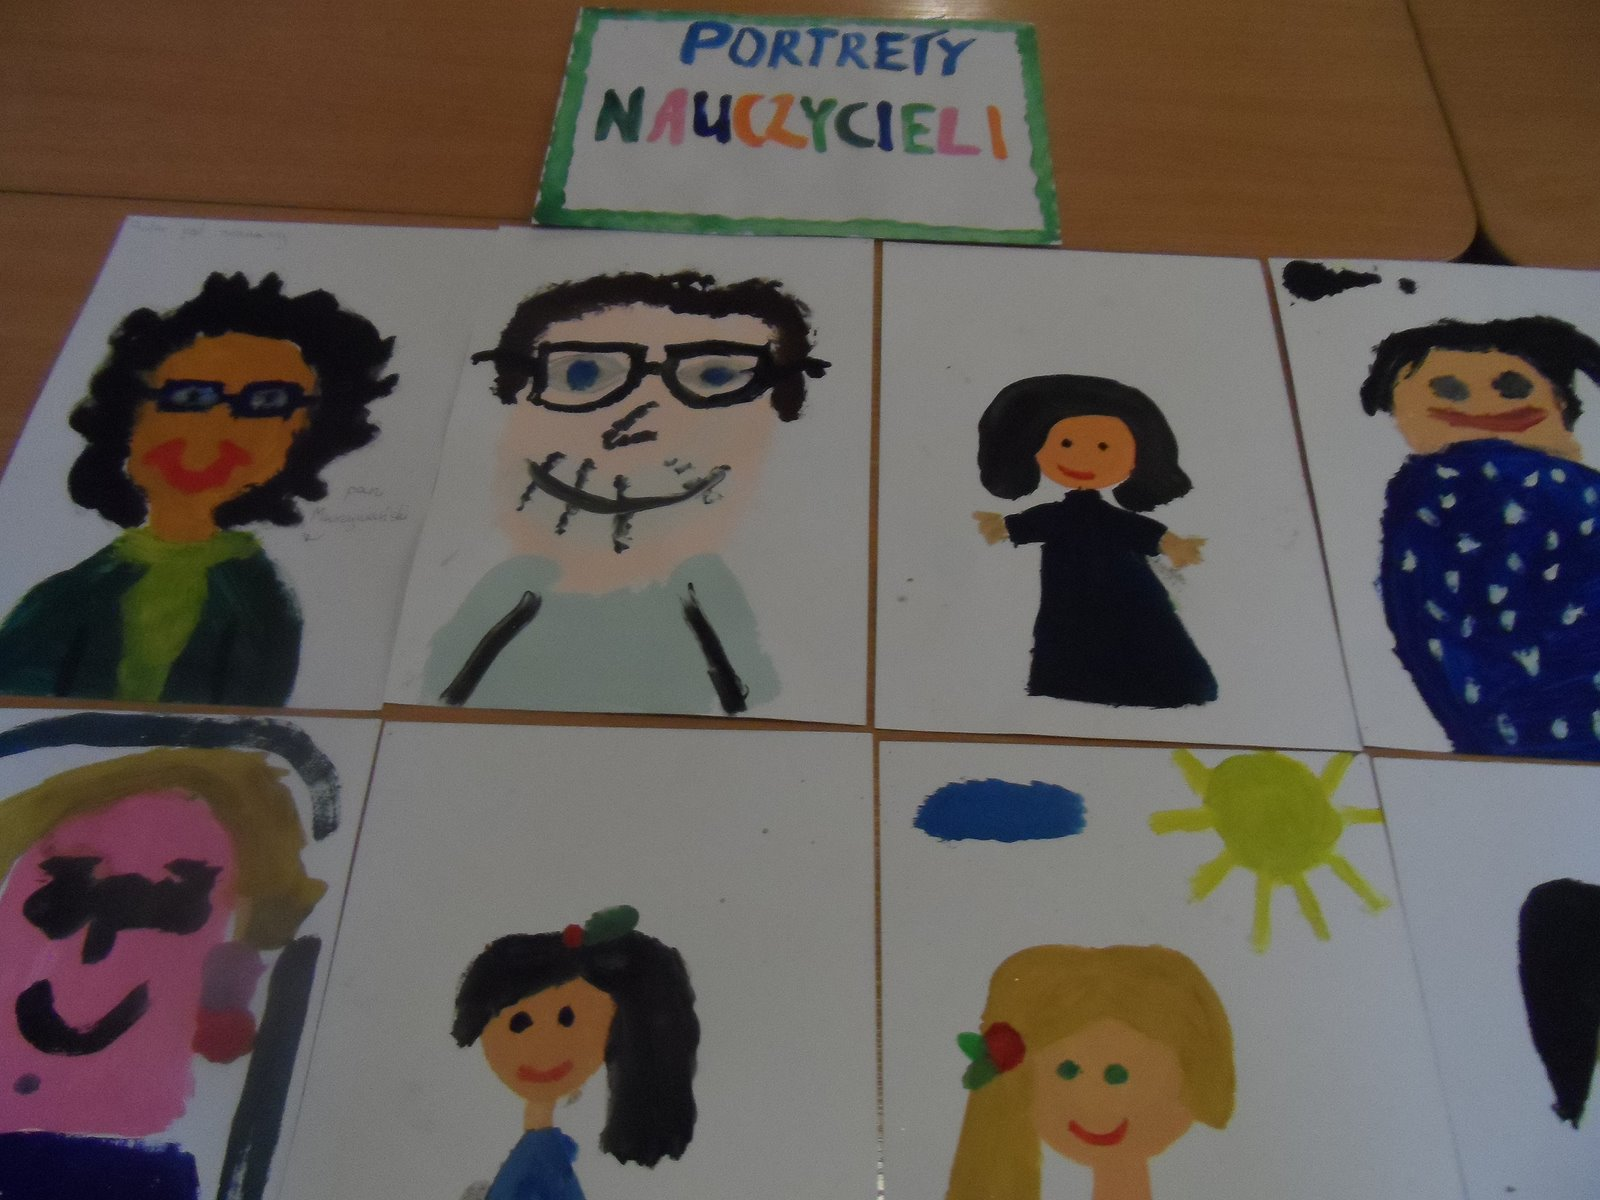 Portrety nauczycieli